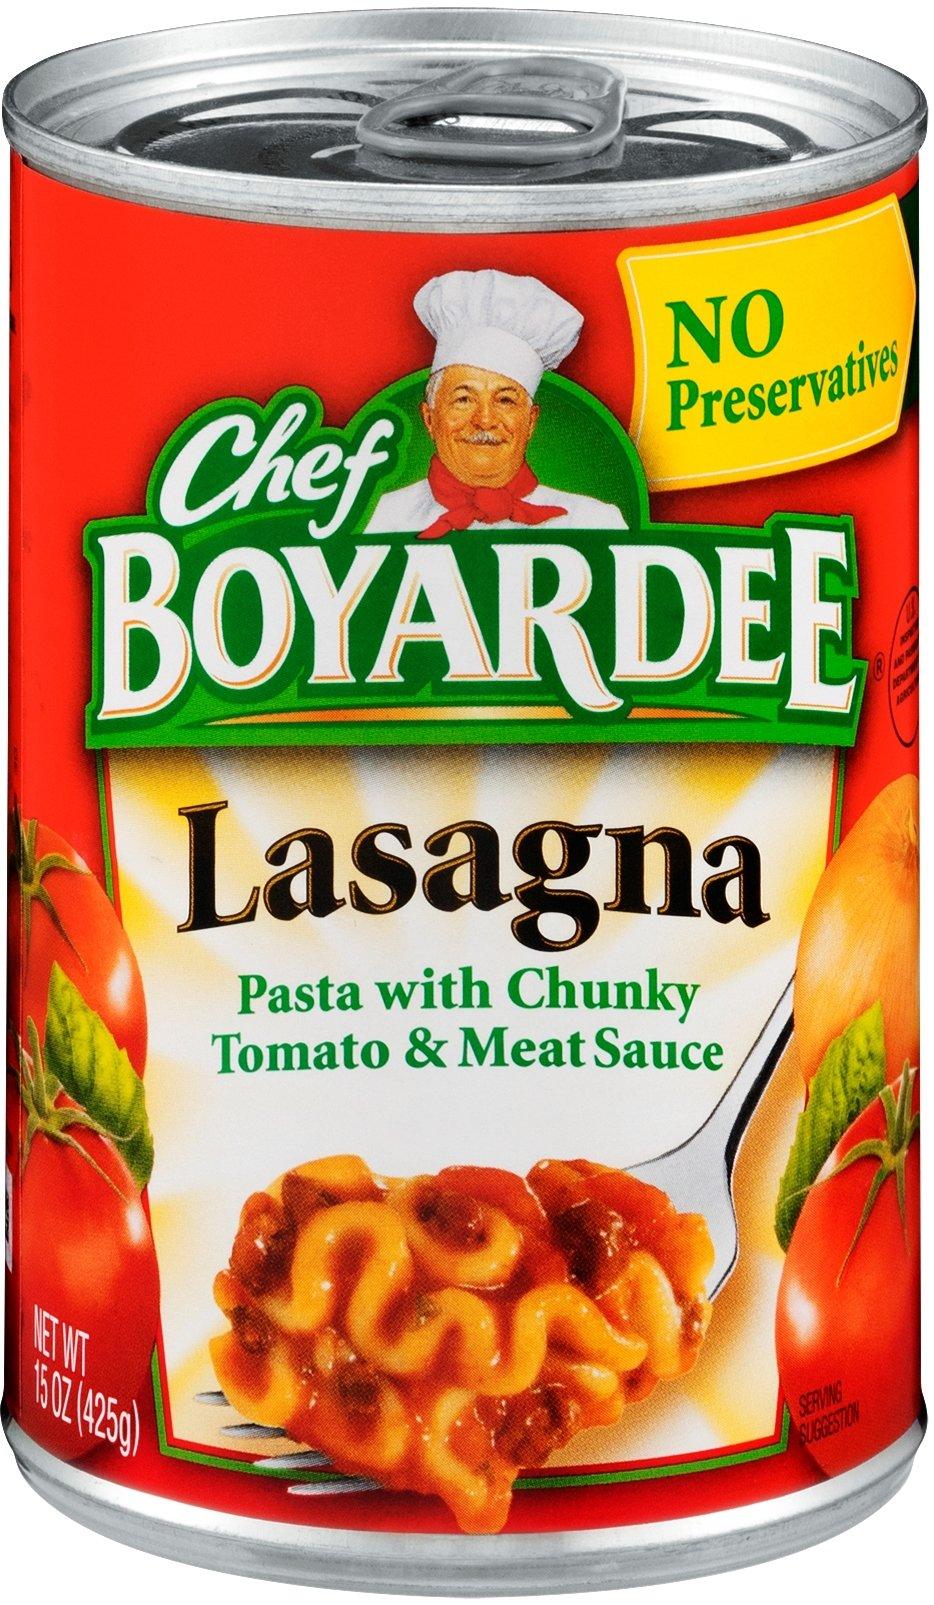 Chef Boyardee Lasagna, 15 oz Can (Pack of 16) by Chef Boyardee